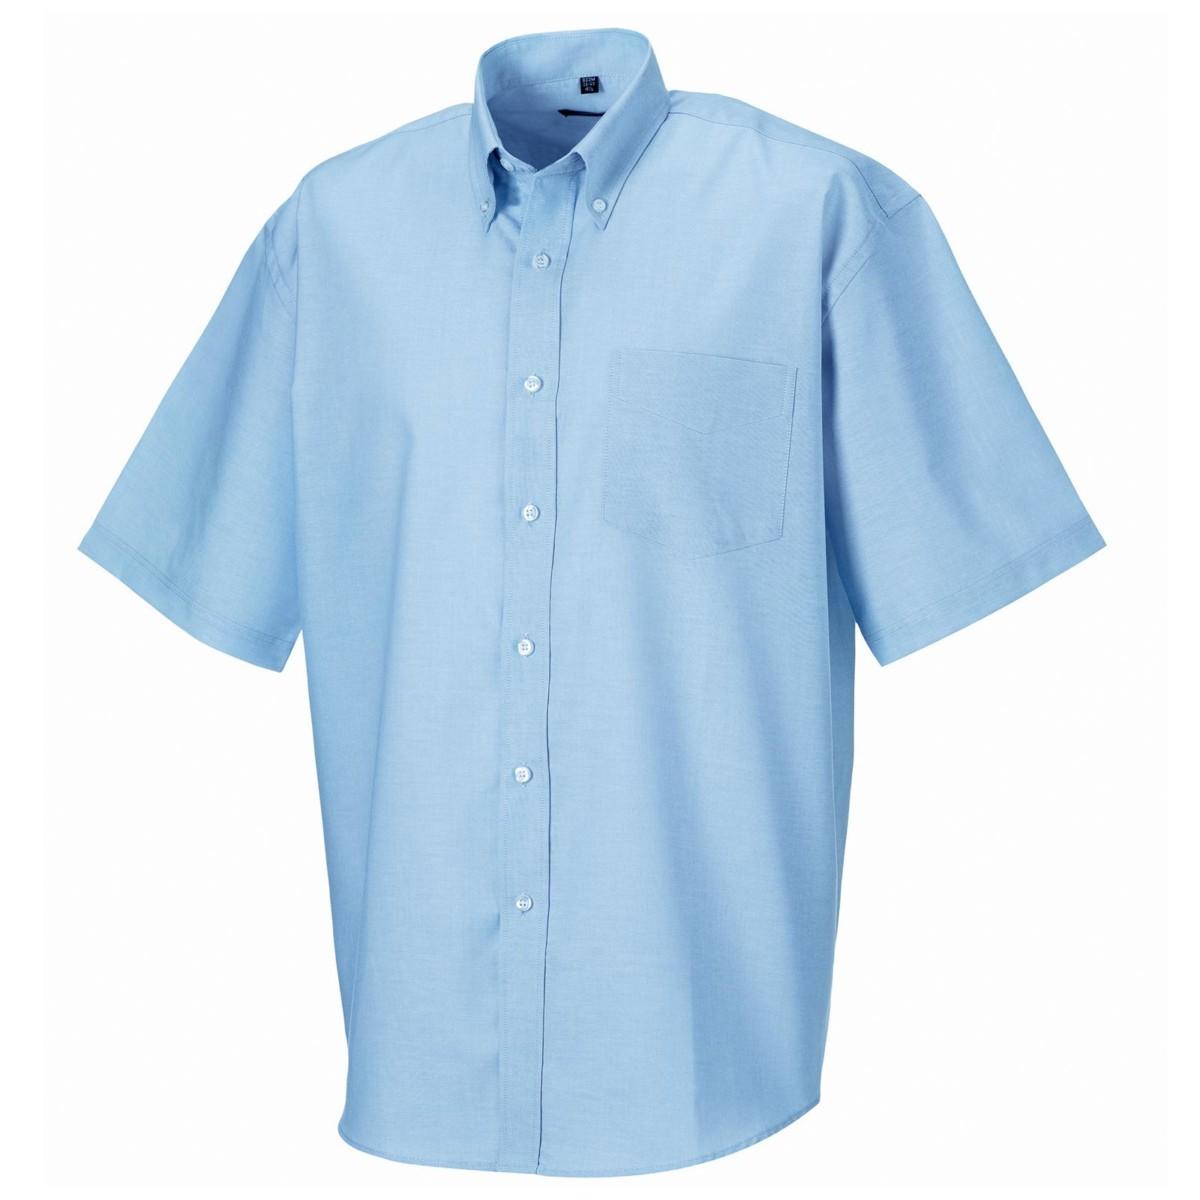 Vêtements, accessoires > Hommes: vêtements > Chemises habillées